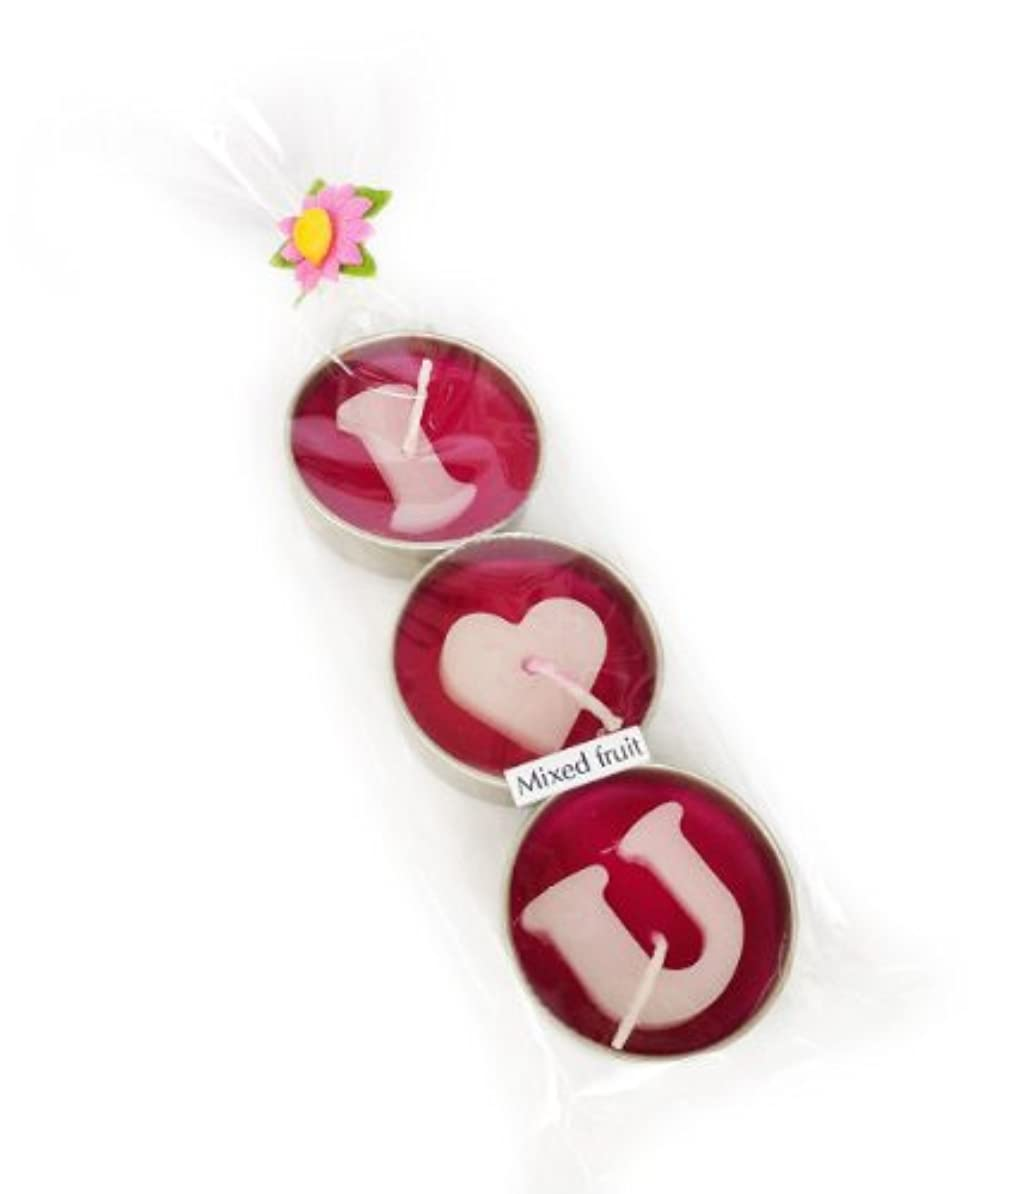 公平ほかにぴかぴかアロマキャンドル/ラブキャンドル/ILoveU/モーク/ロウソク/ろうそ/1パック3個入り/(1Pack  3pc I love U Candle) (Mixed Fruit)